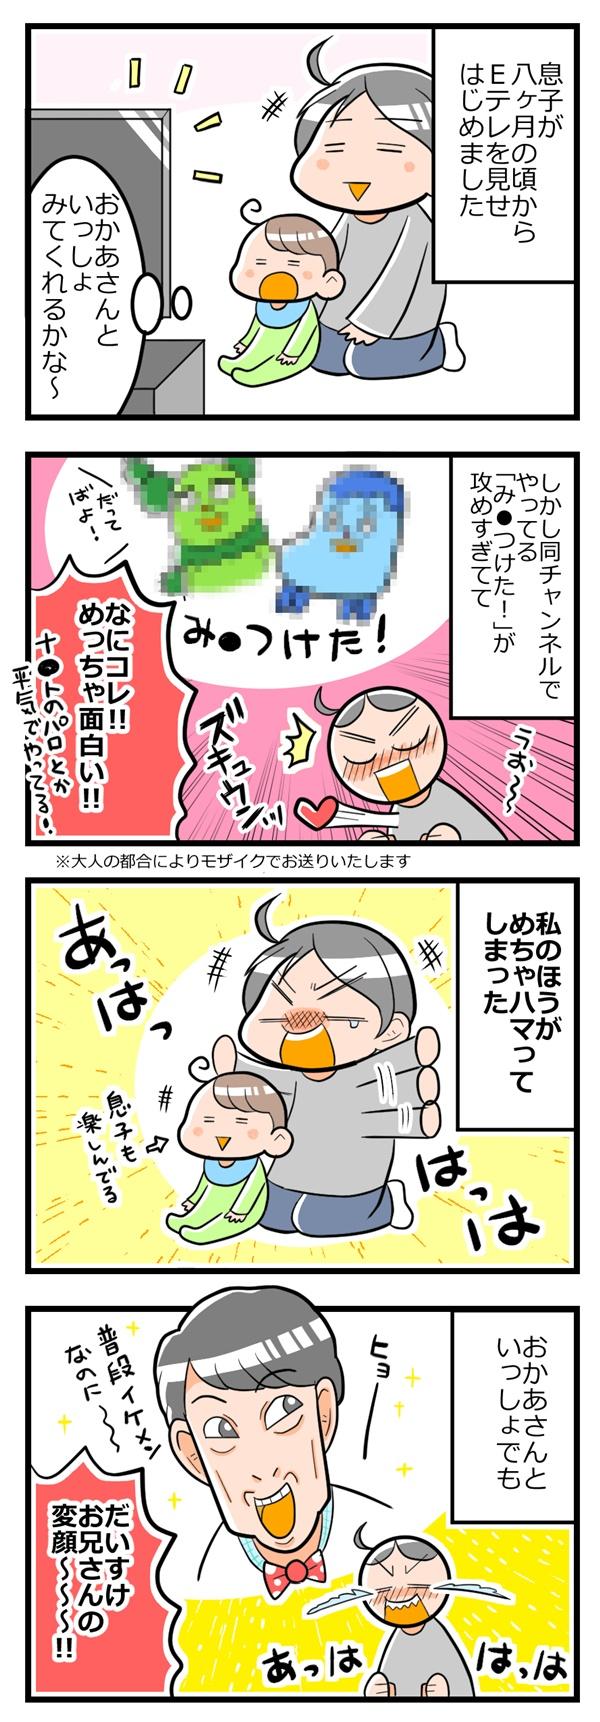 """Eテレにずきゅん! 大人にも刺さる""""攻めっぷり""""とは?【ヲタママだっていーじゃない! 第4話】"""